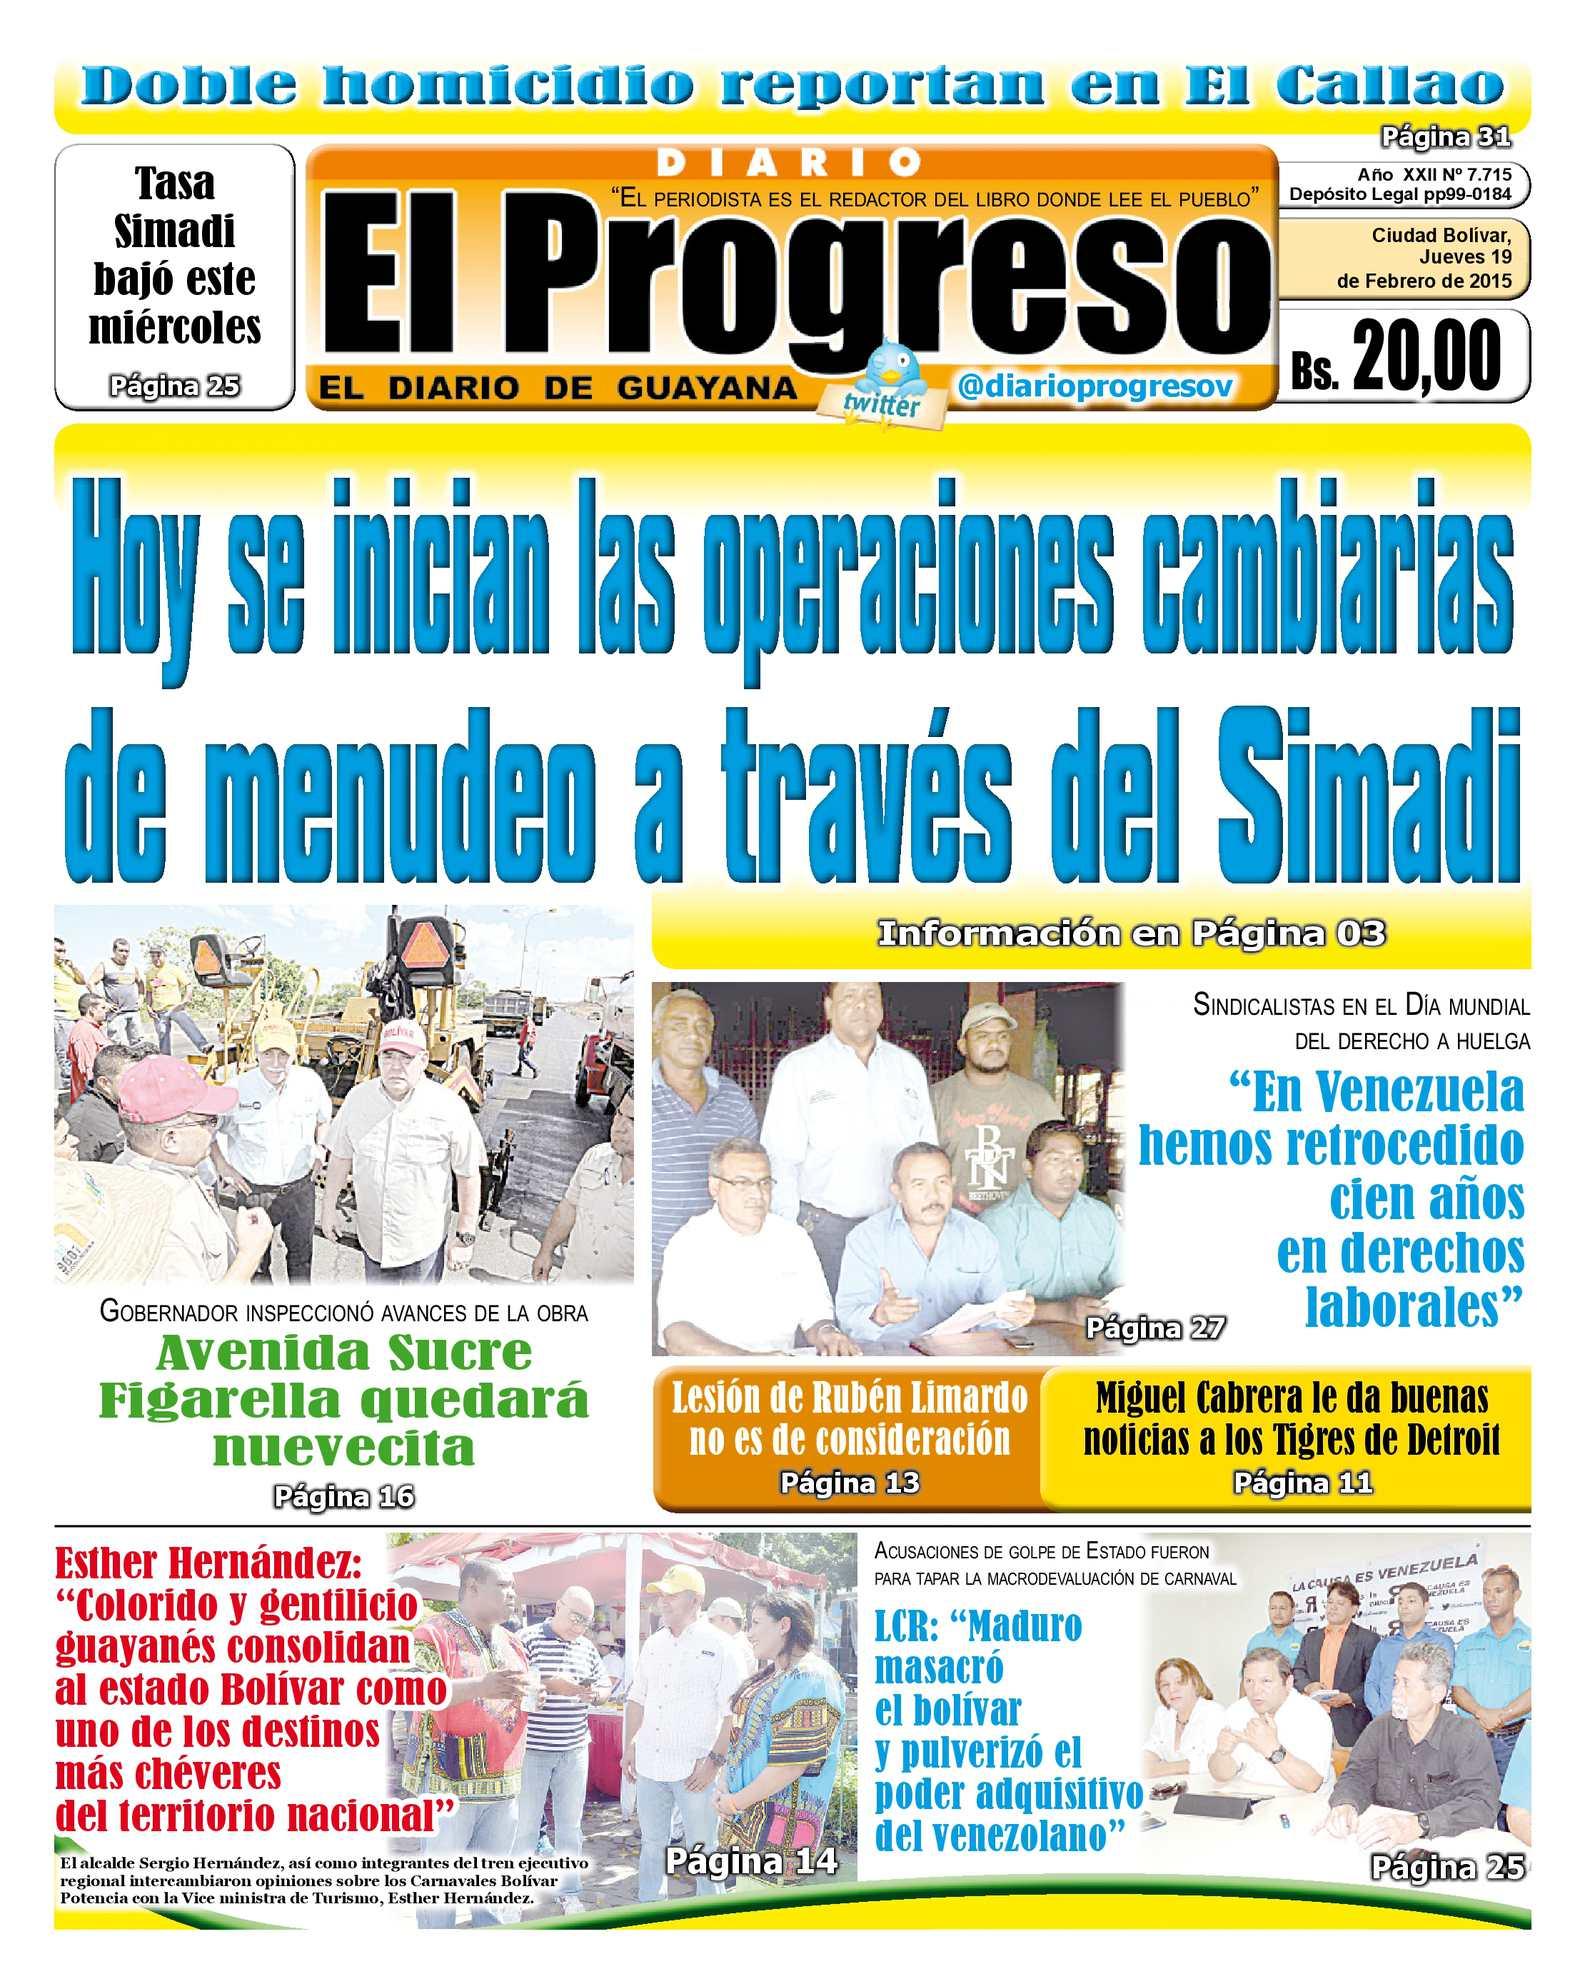 Calaméo - DiarioelprogresoEDICIÓNDIGITAL 19-02-2015